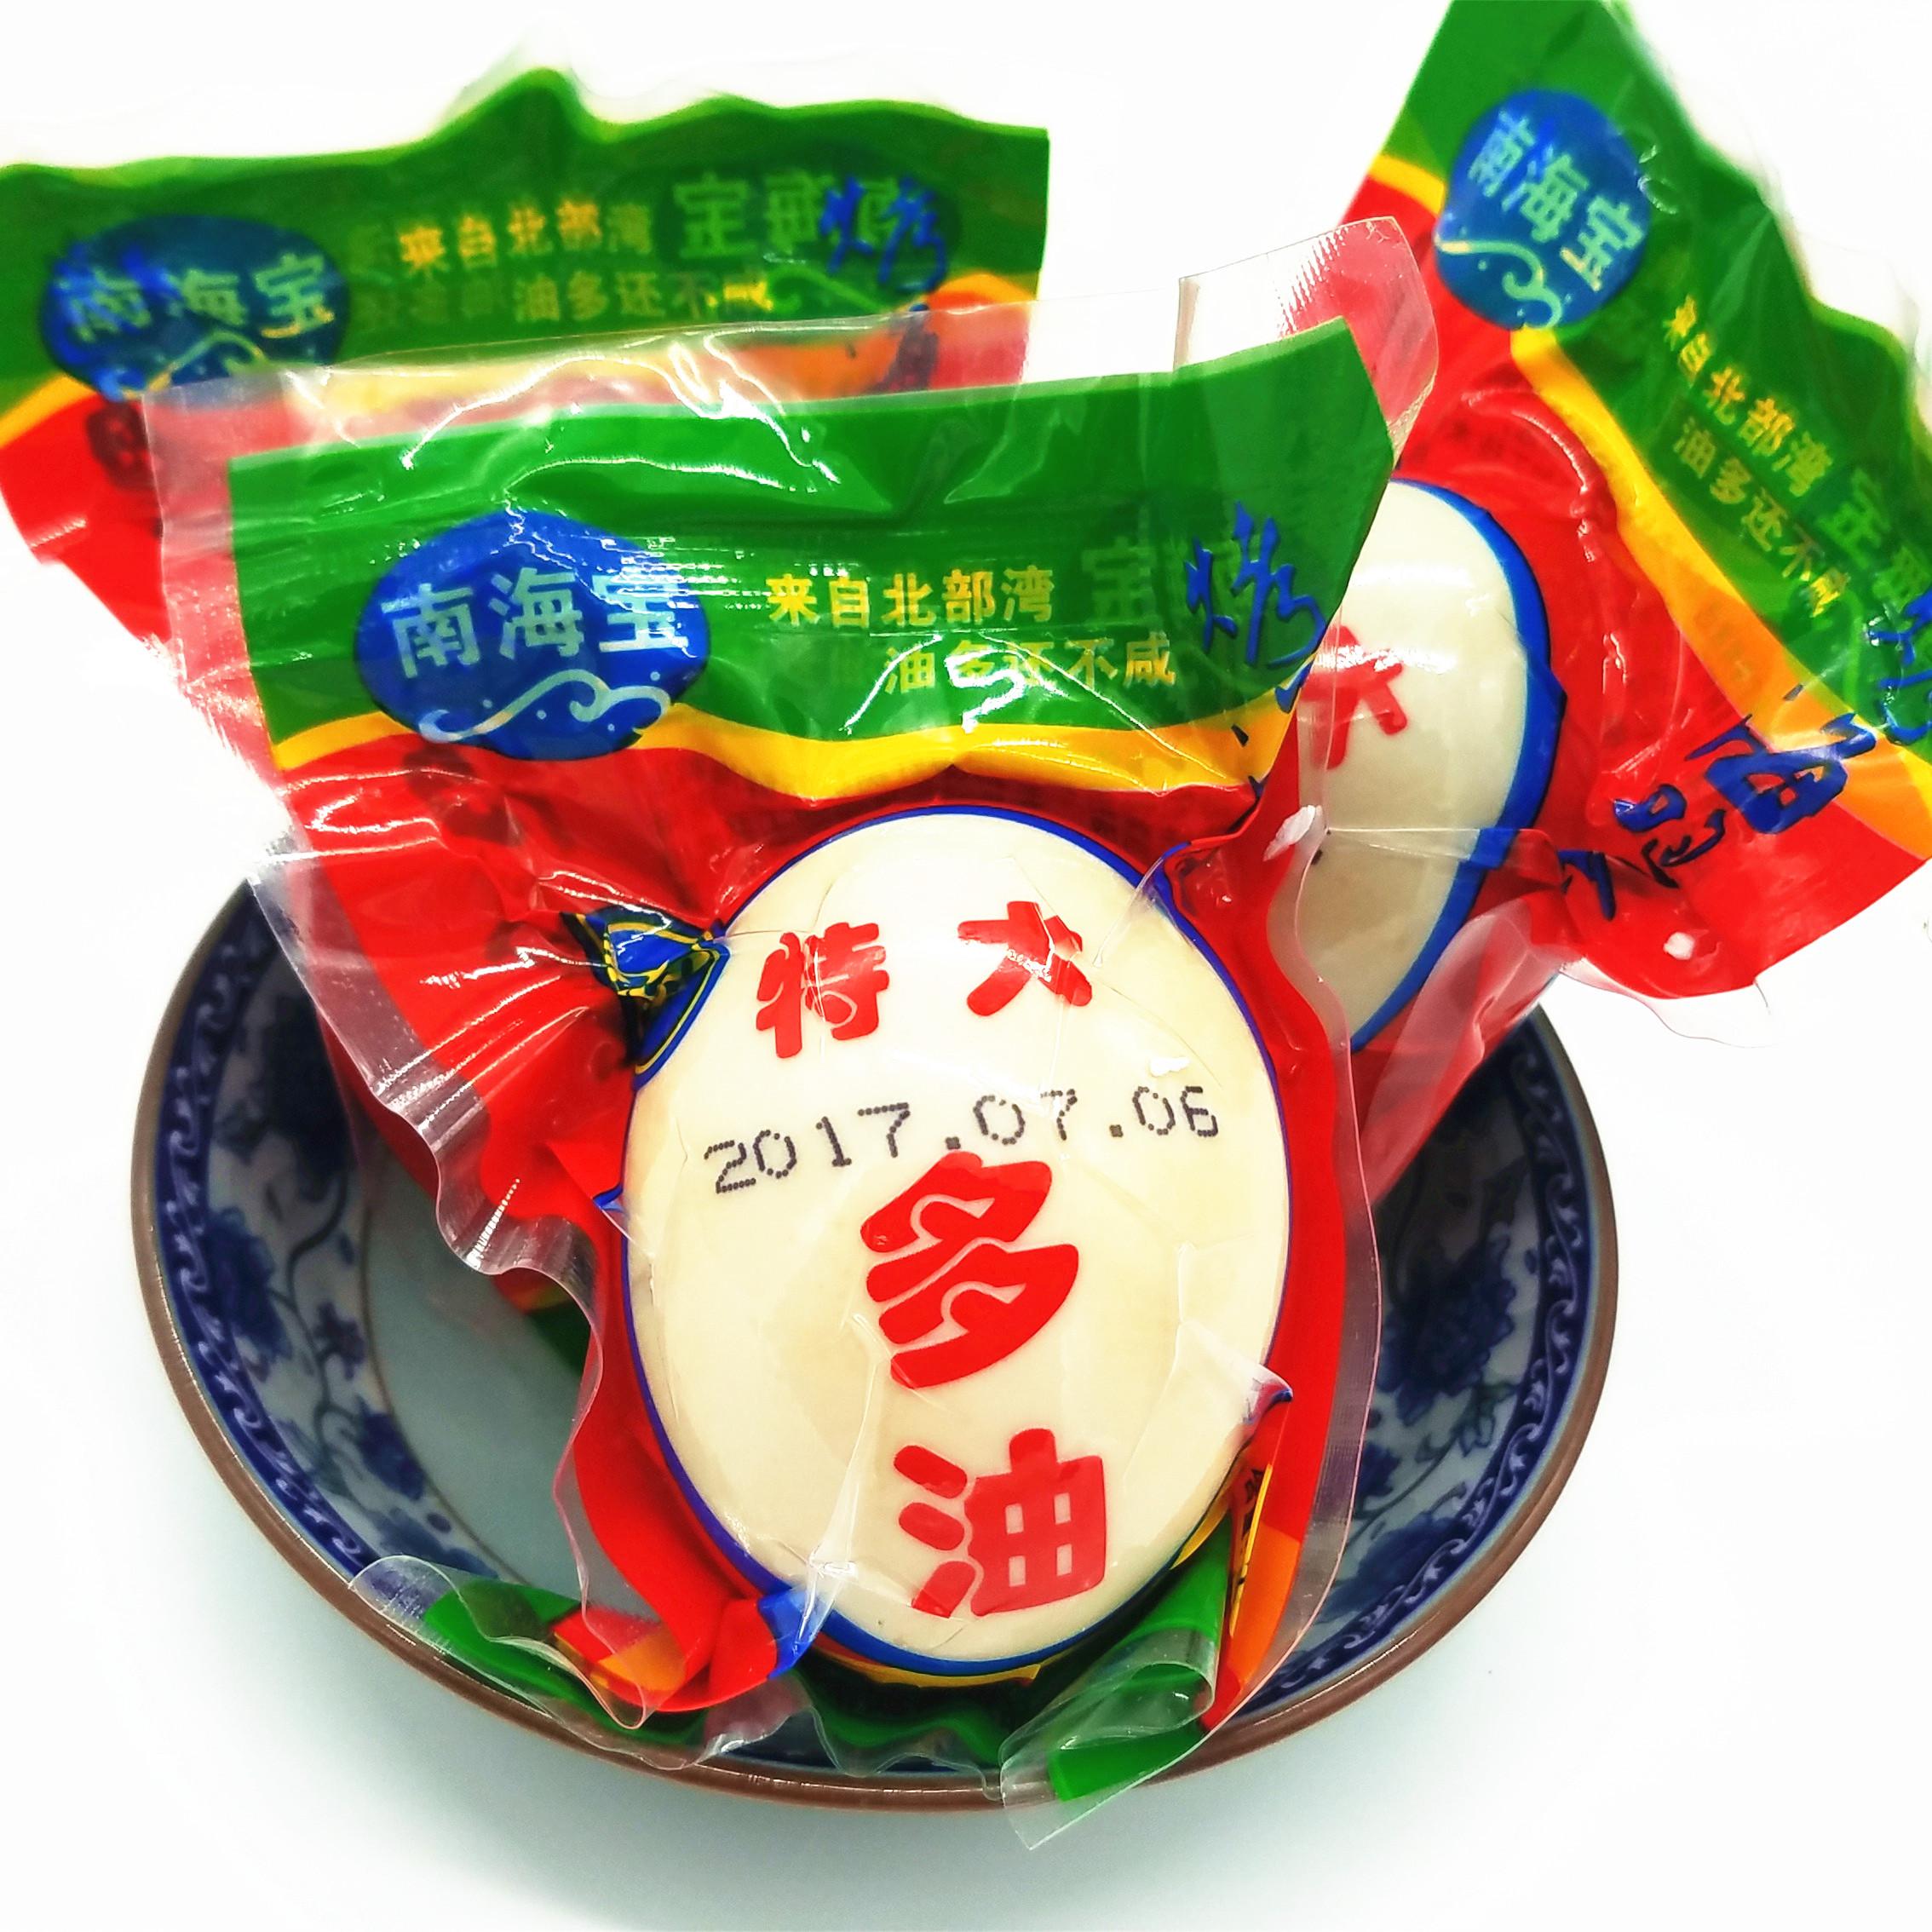 广西北海乐动体育武磊北部湾原产地咸鸭蛋烤海鸭蛋20枚特大南海宝正宗包邮